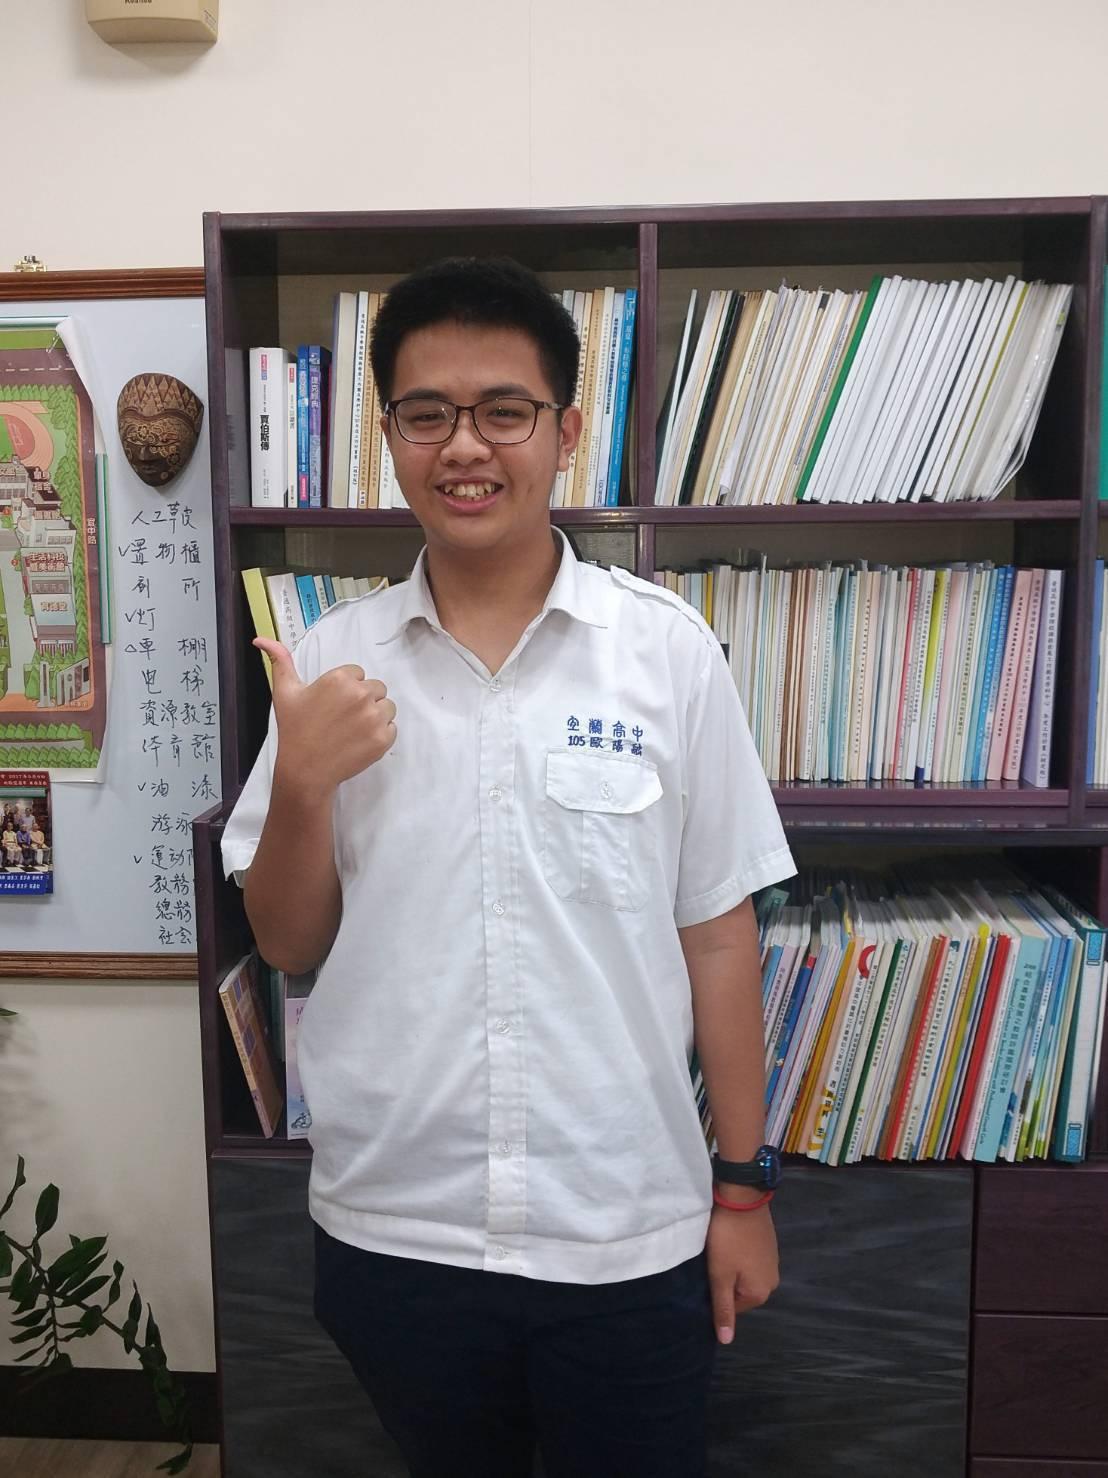 歐陽融上了國立臺灣大學機械工程學系。圖/宜蘭高中提供